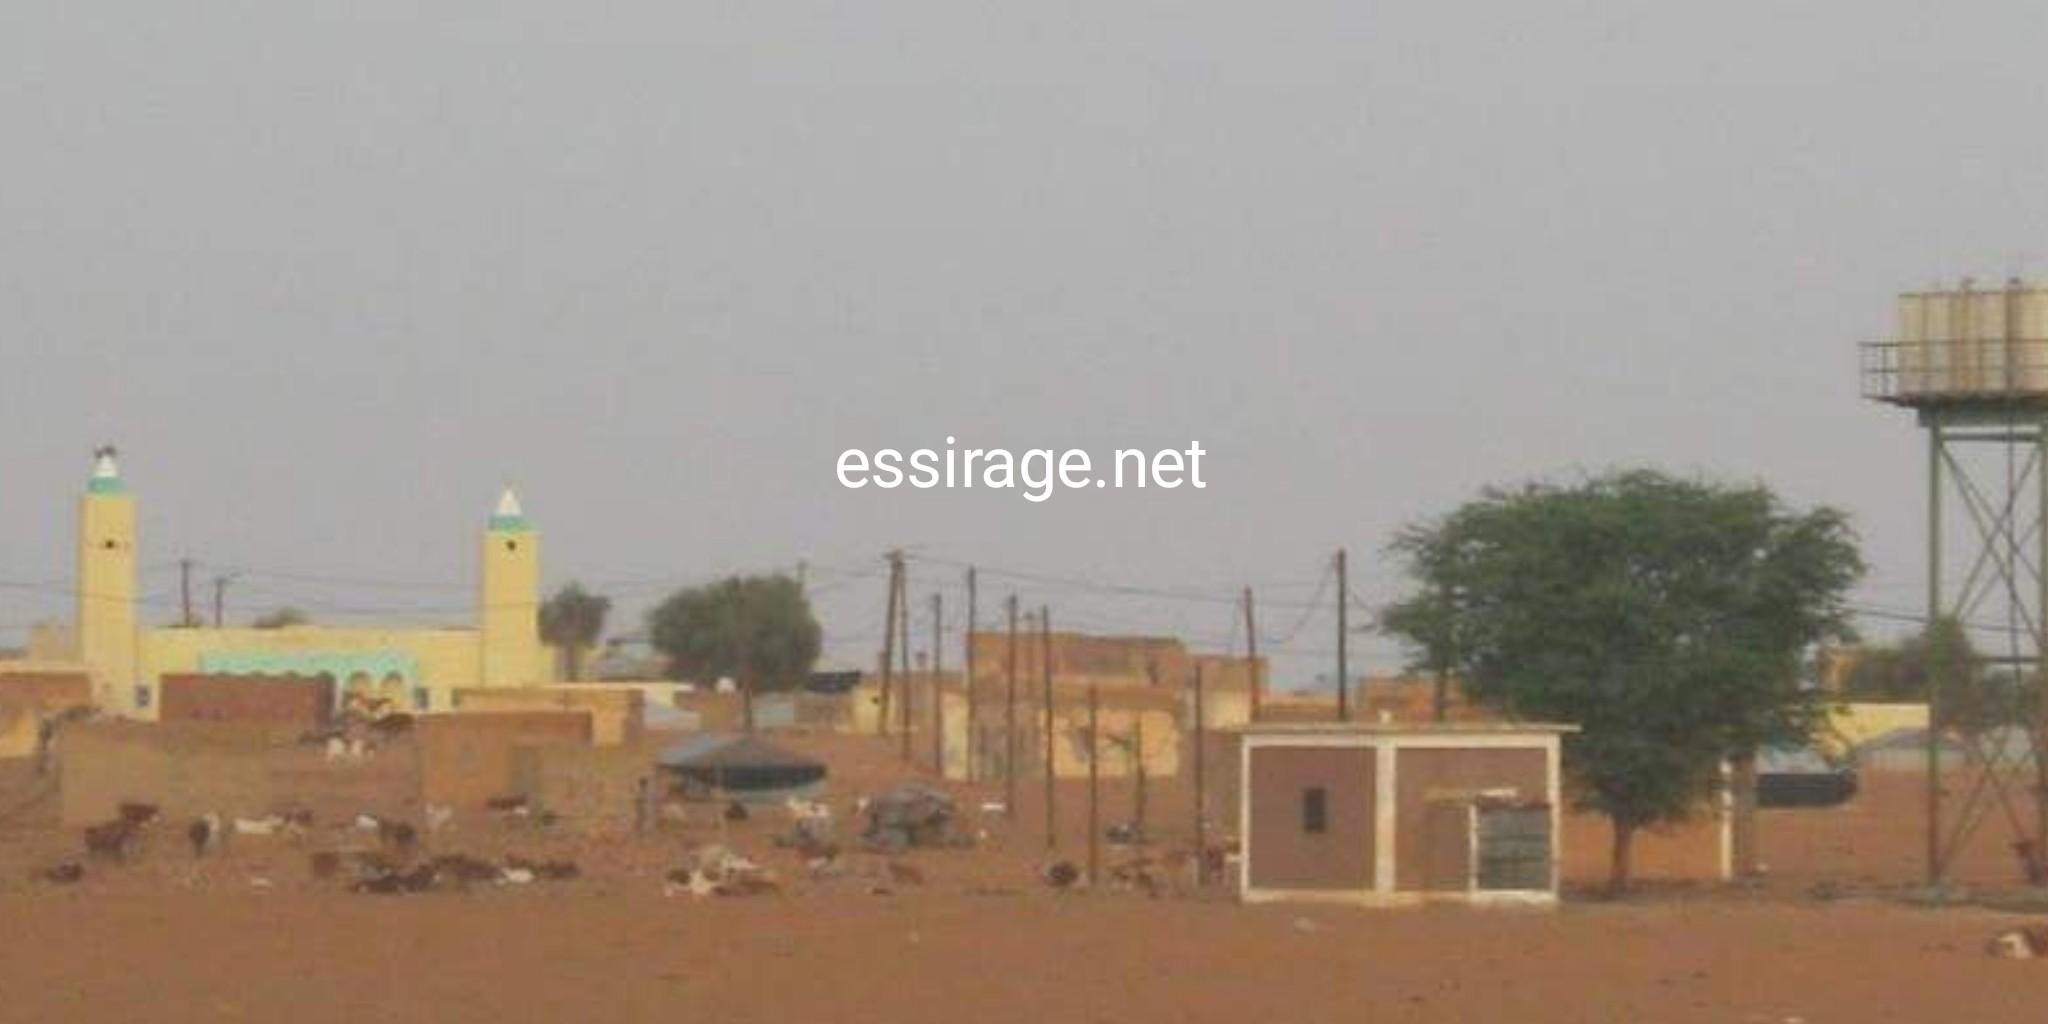 صورة من قرية آجوير تنهمد